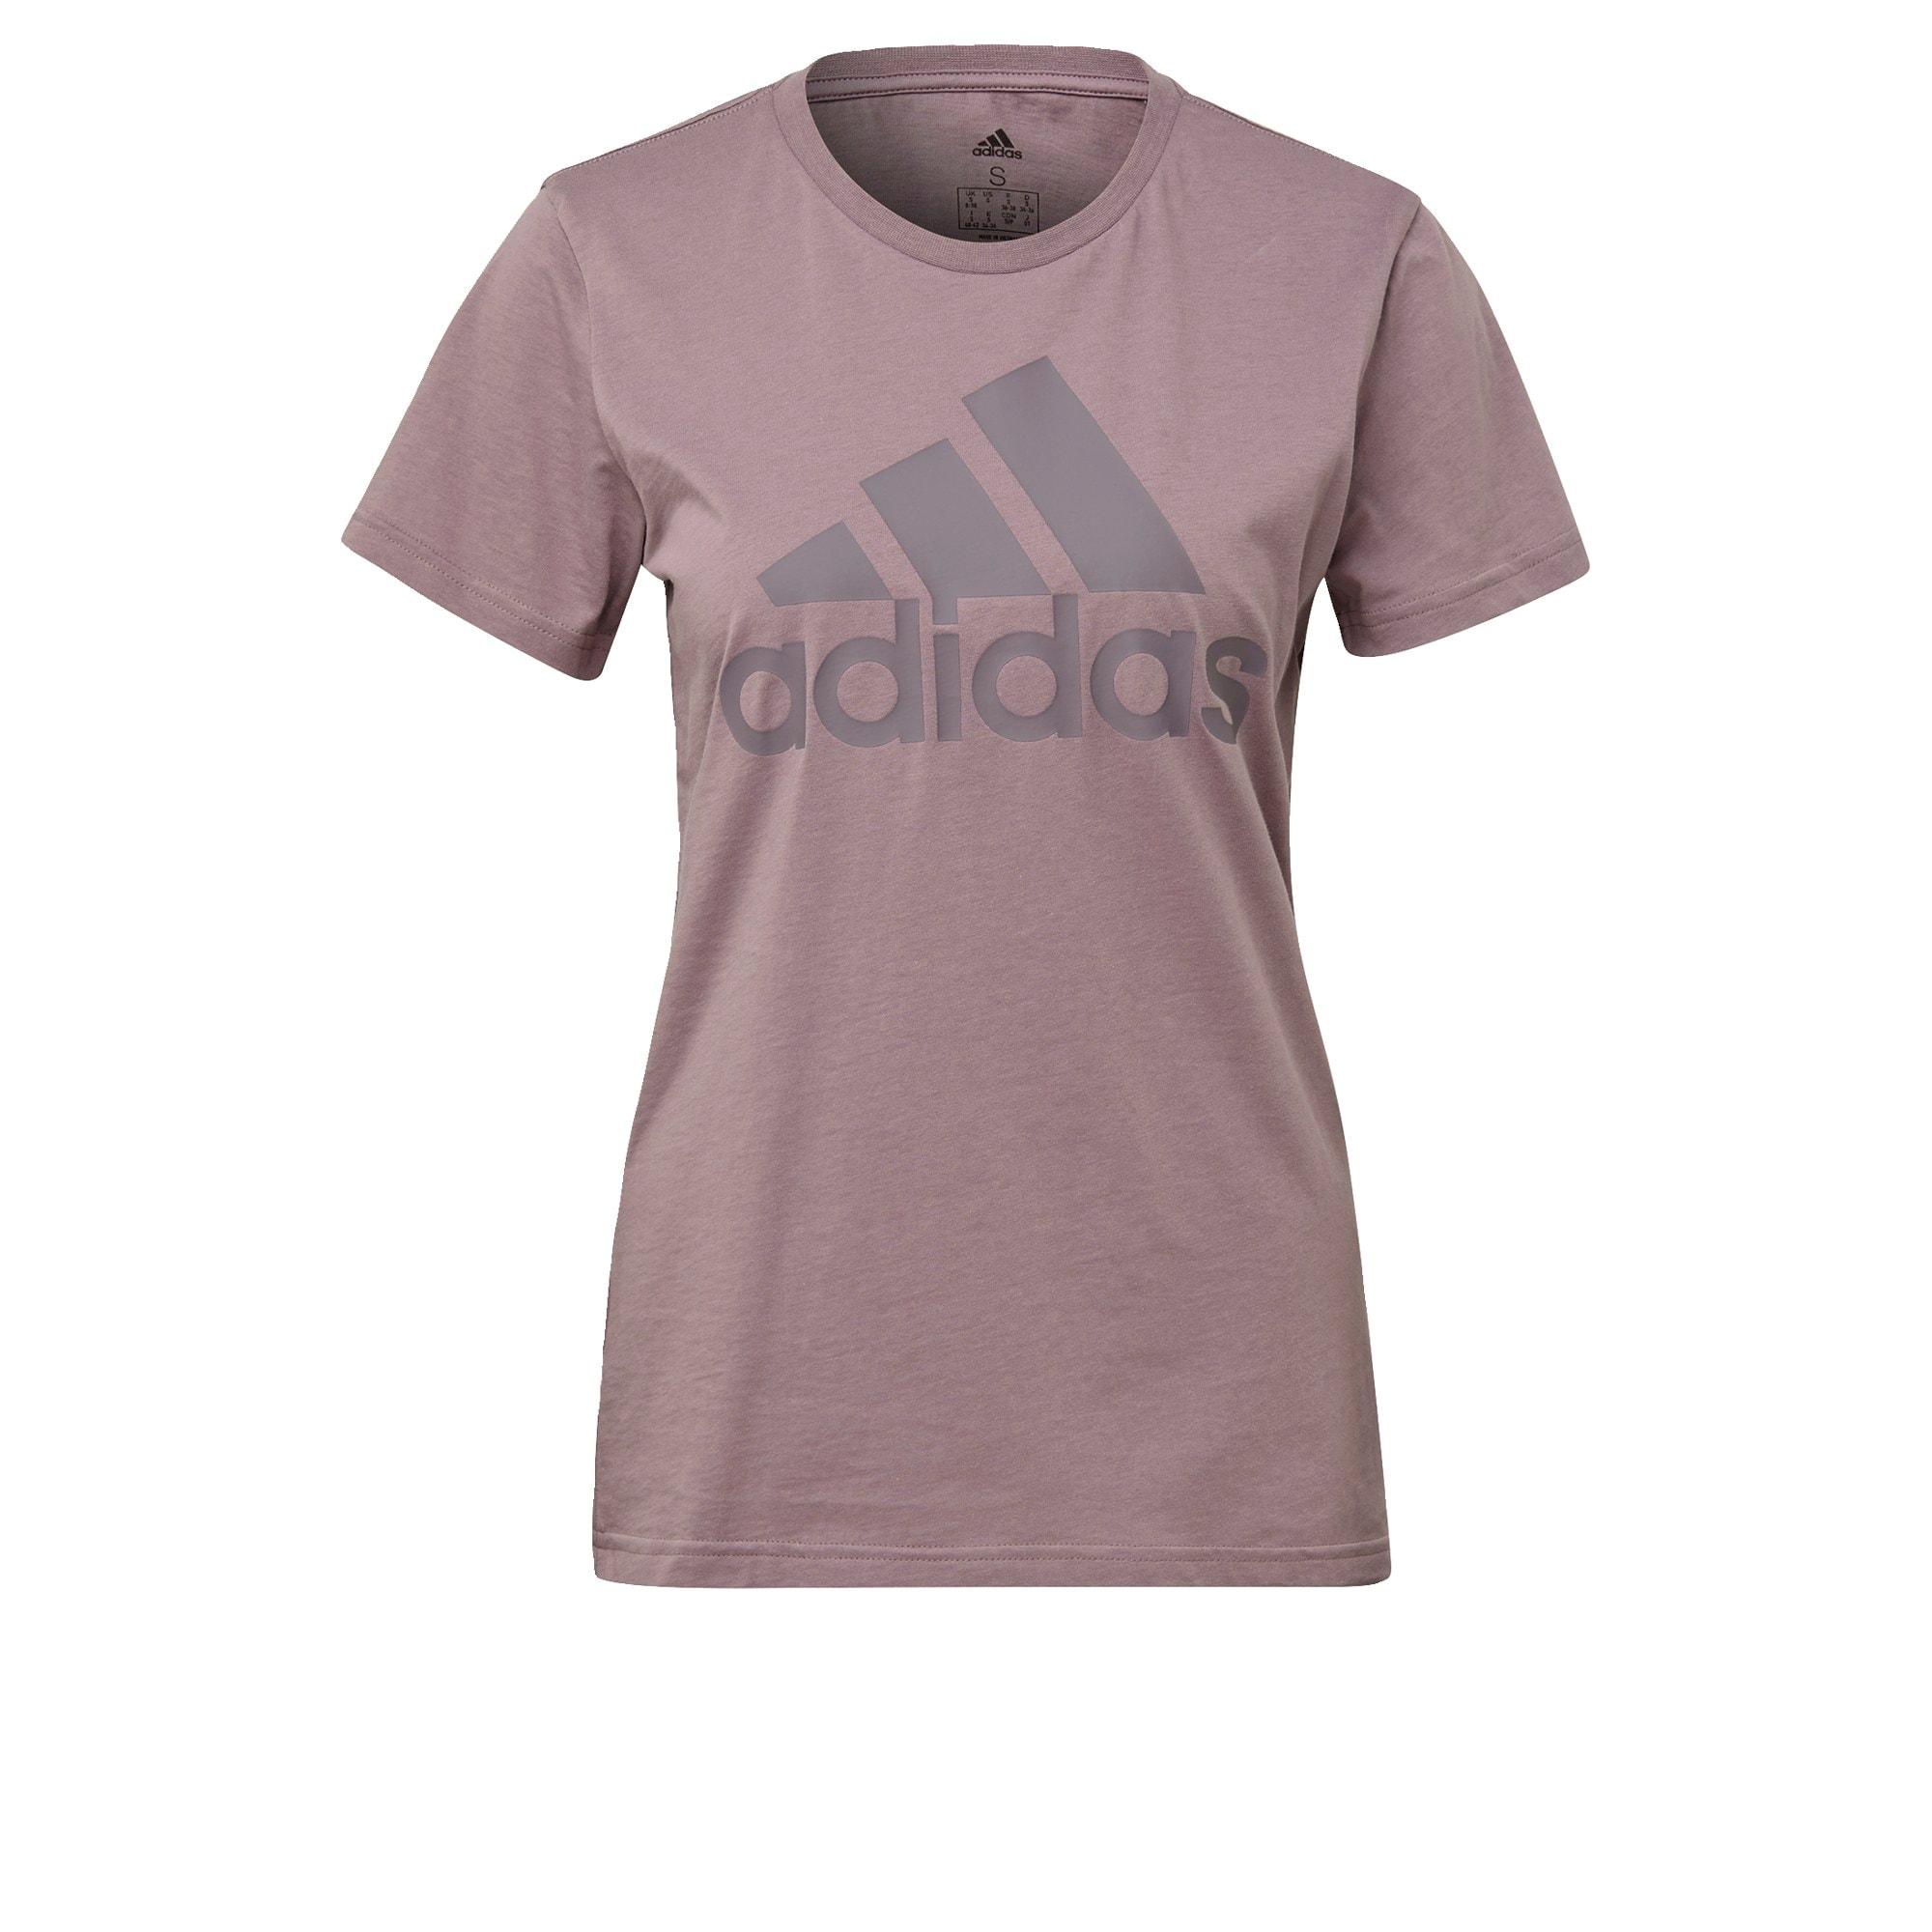 ADIDAS PERFORMANCE Sportiniai marškinėliai alyvinė spalva